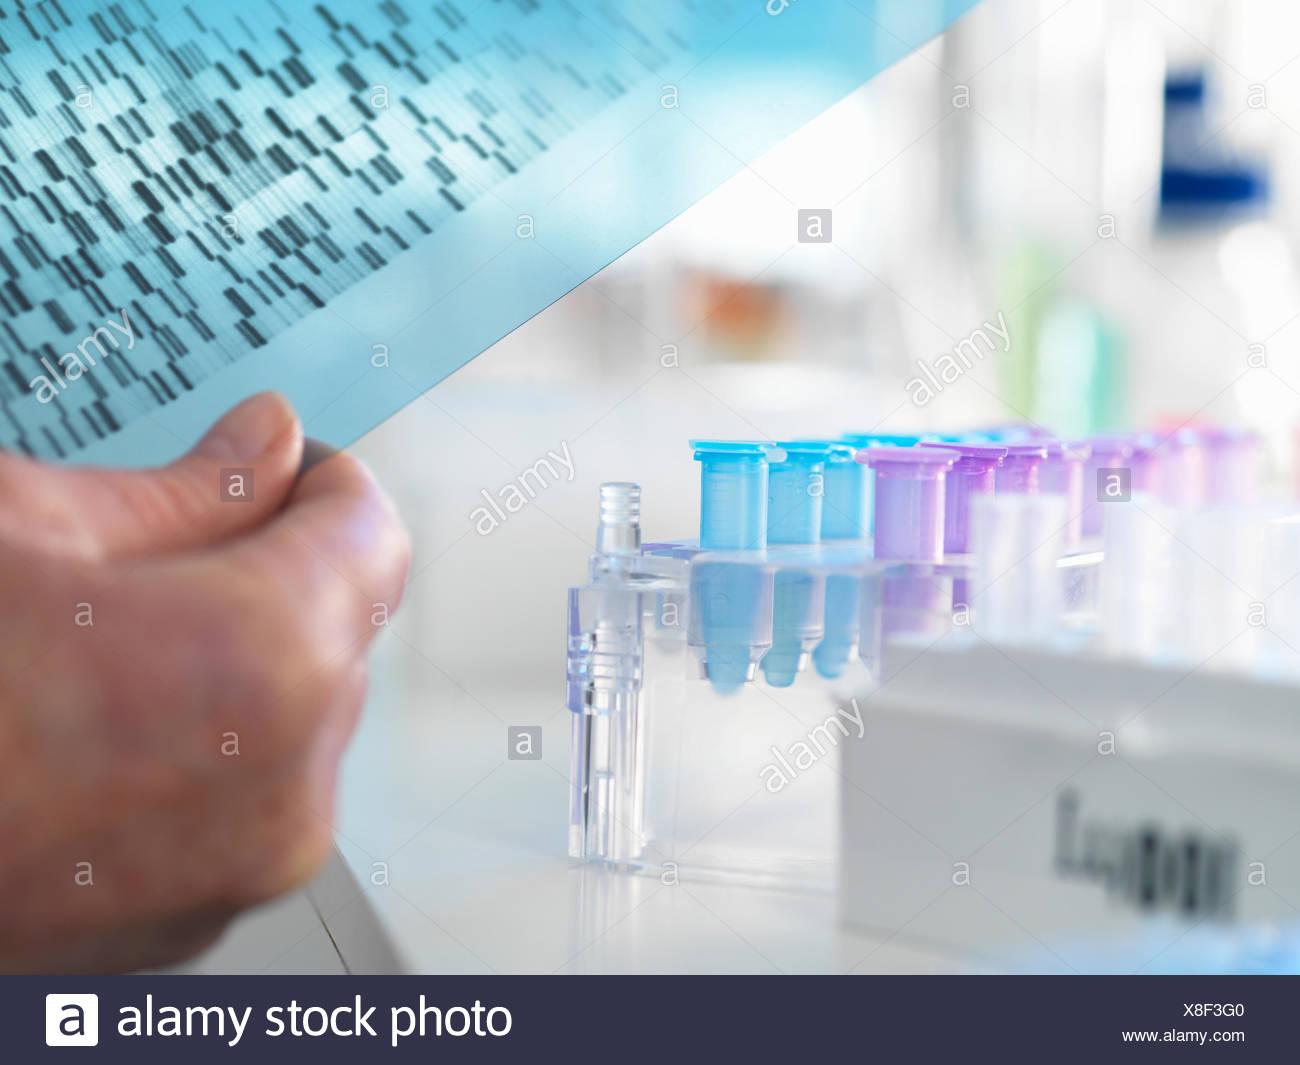 Forscher halten eine DNA (Desoxyribonukleinsäure) Gel während ein genetisches Experiment in einem Labor Stockbild